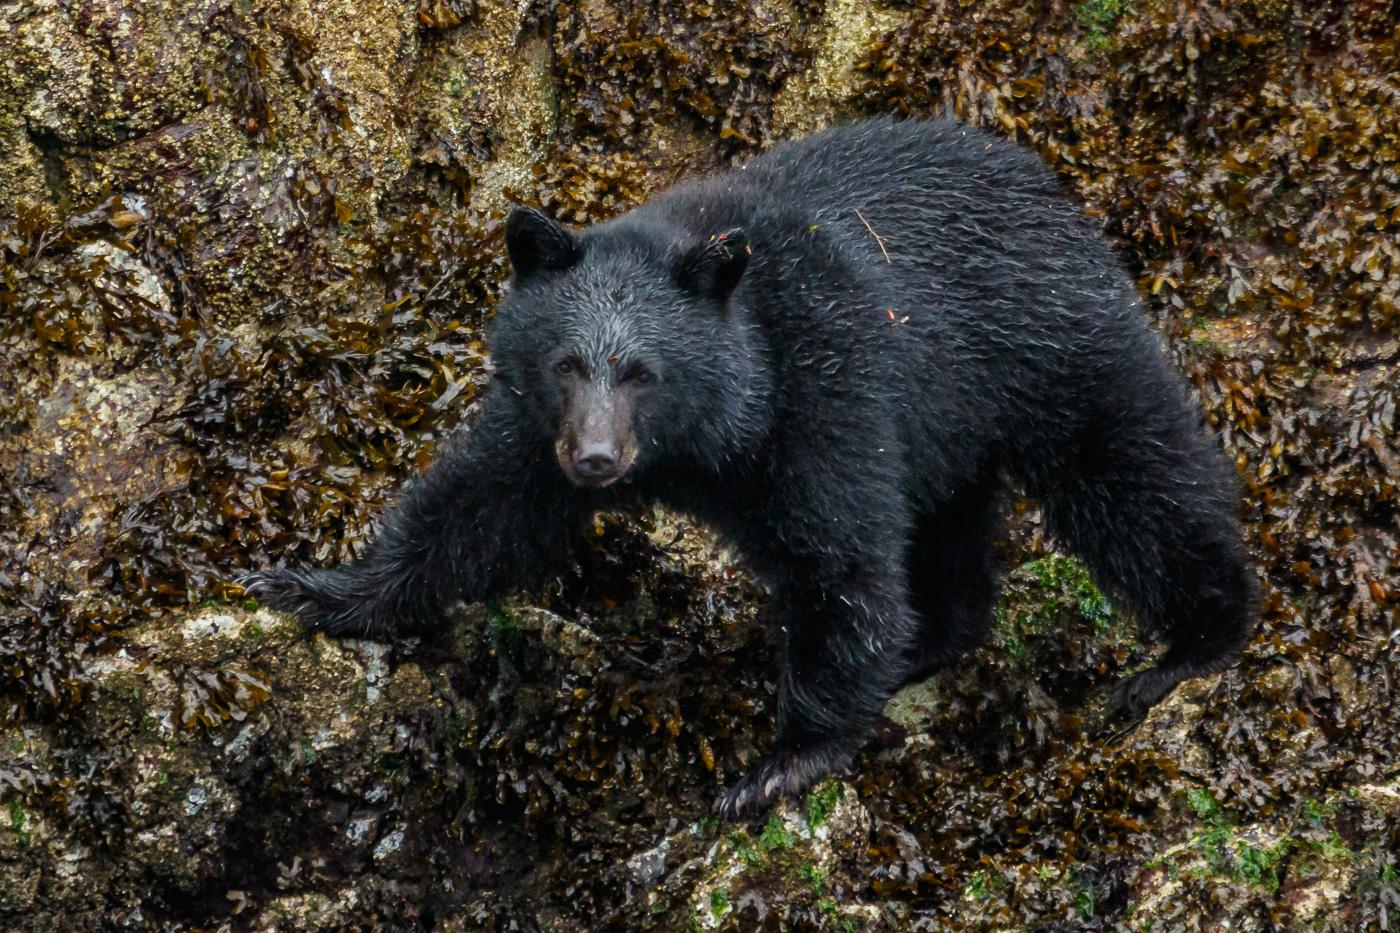 Young black Bear (Ursus americanus), Vancouver island, Canada. - Fauna de Nord-Amèrica - Raül Carmona - Fotografia, Fotografia d'estudi, esdeveniments i Natura